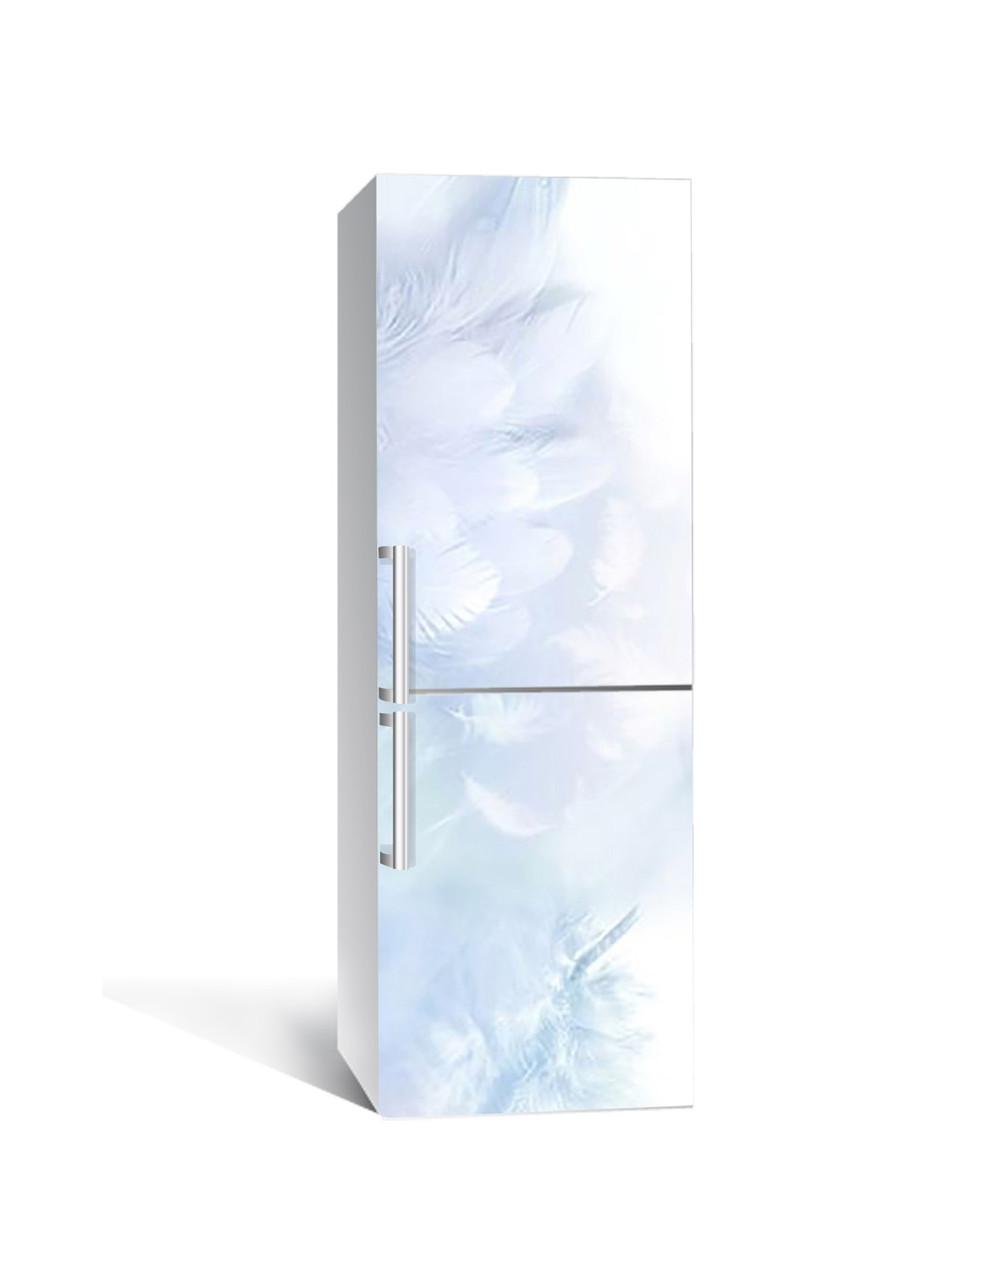 Вінілова наклейка на холодильник 3Д Лебединий пух Пір'я (плівка ПВХ фотодрук) 65*200см Текстура Блакитний